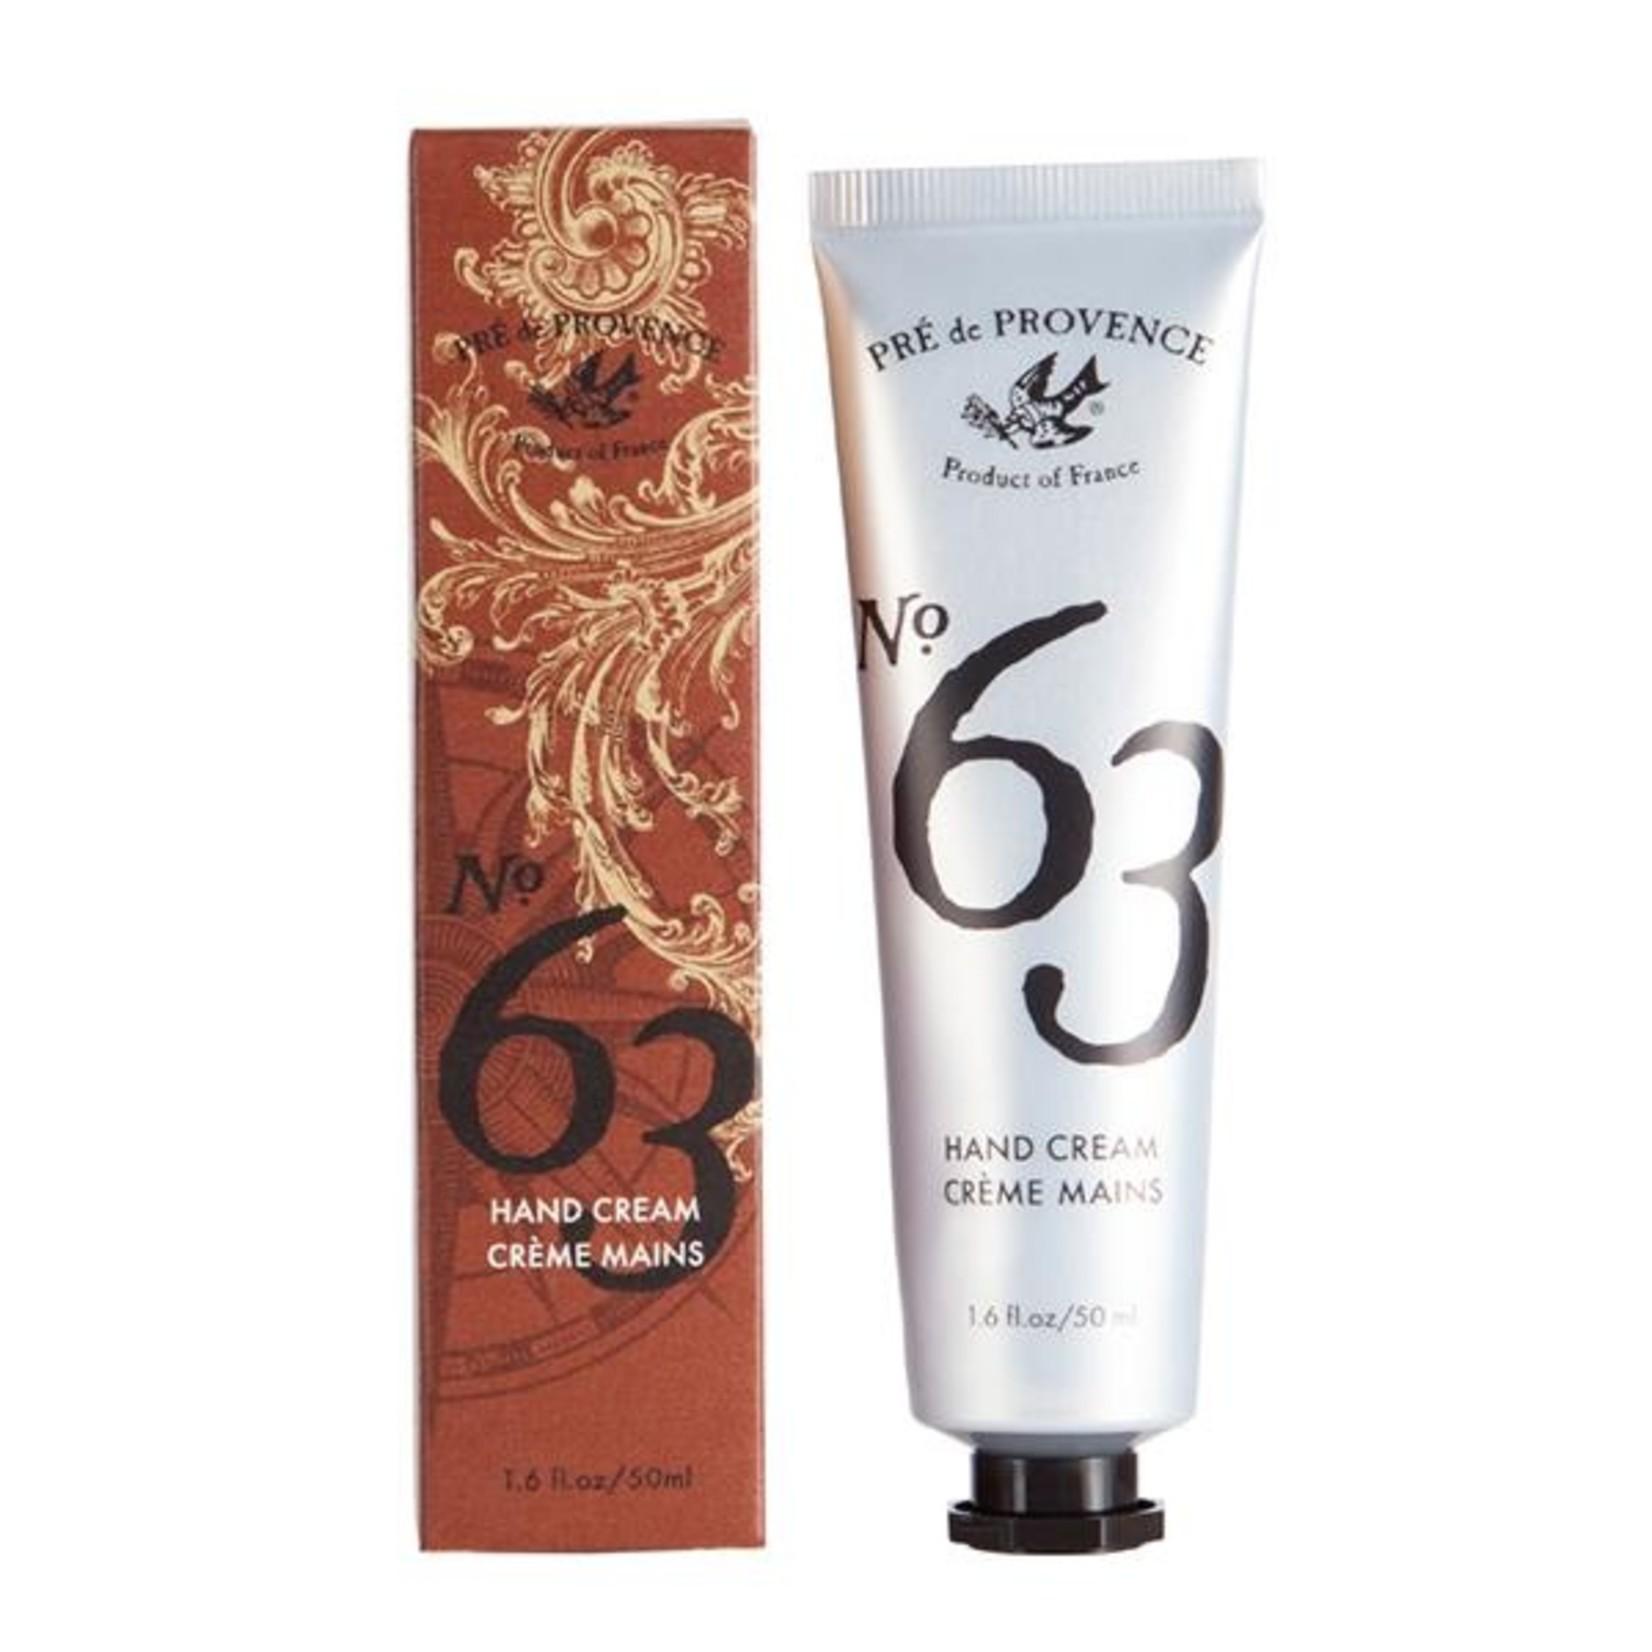 Pre de Provence No. 63 Hand Cream